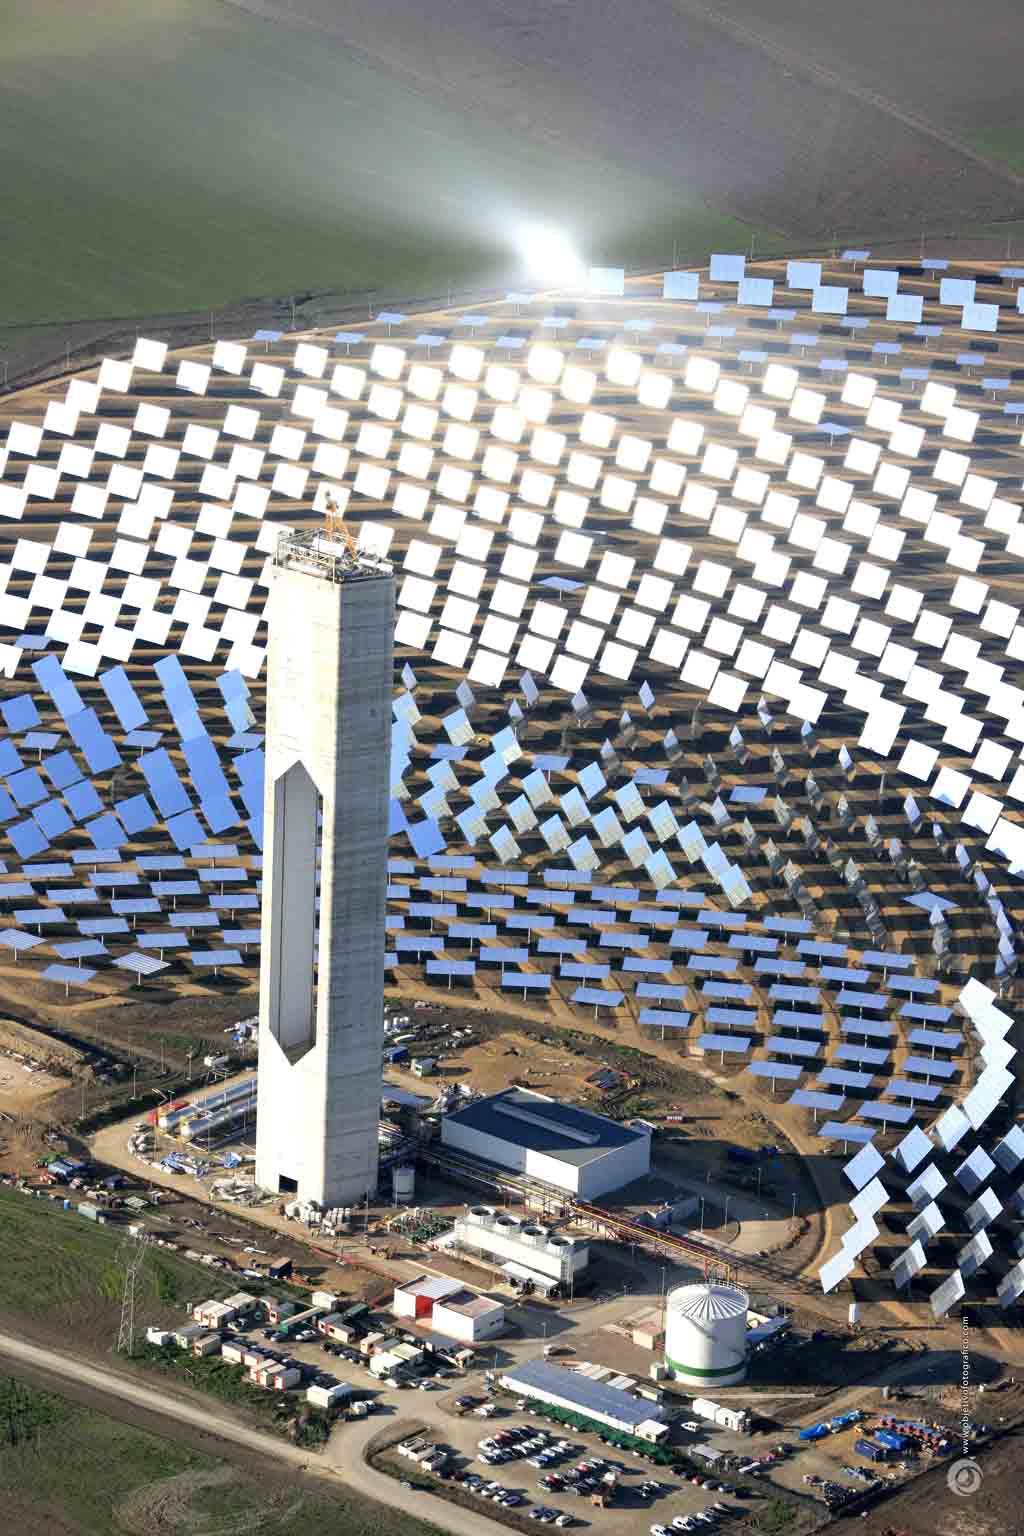 E col energ a solar i - Centrale solare a specchi piani ...